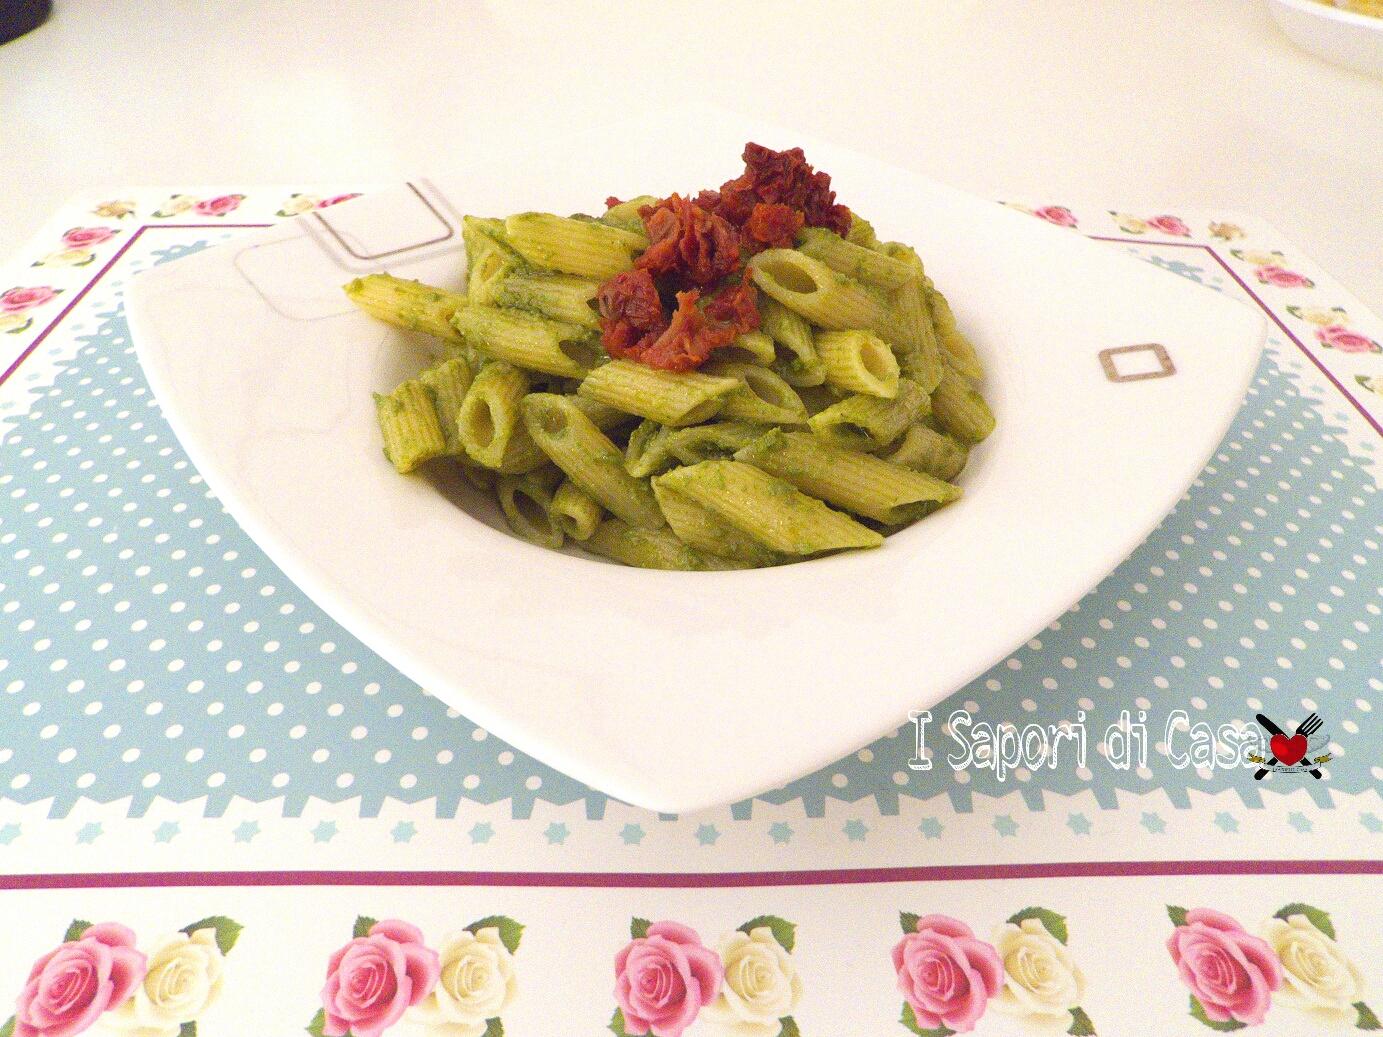 Pasta con pesto alla rucola e pomodori secchi